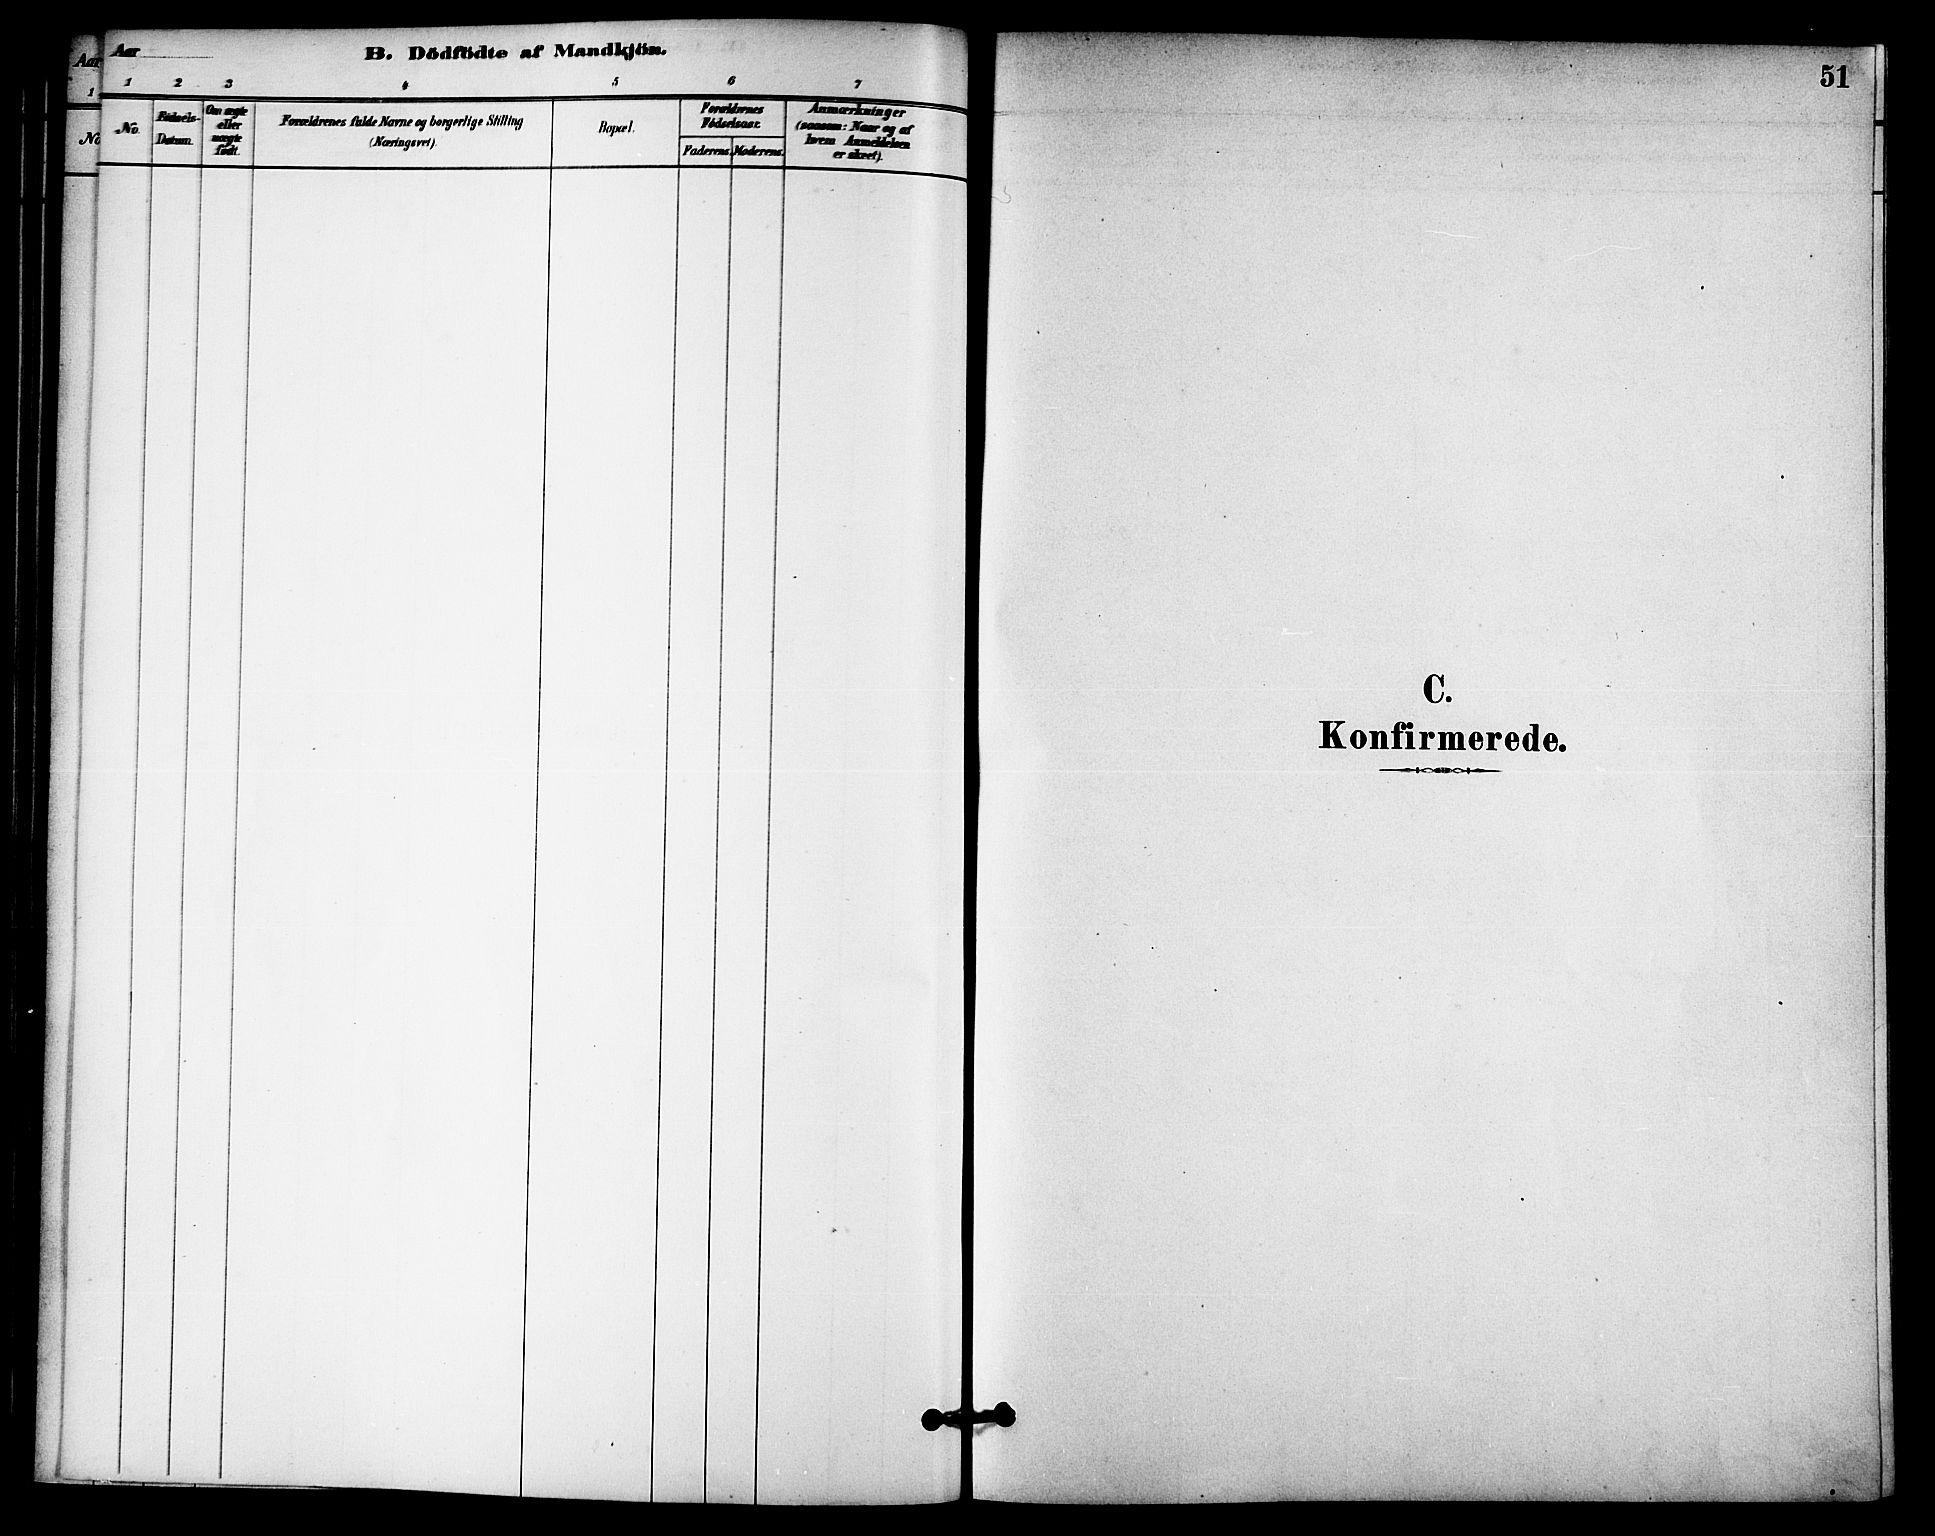 SAT, Ministerialprotokoller, klokkerbøker og fødselsregistre - Nord-Trøndelag, 740/L0378: Ministerialbok nr. 740A01, 1881-1895, s. 51